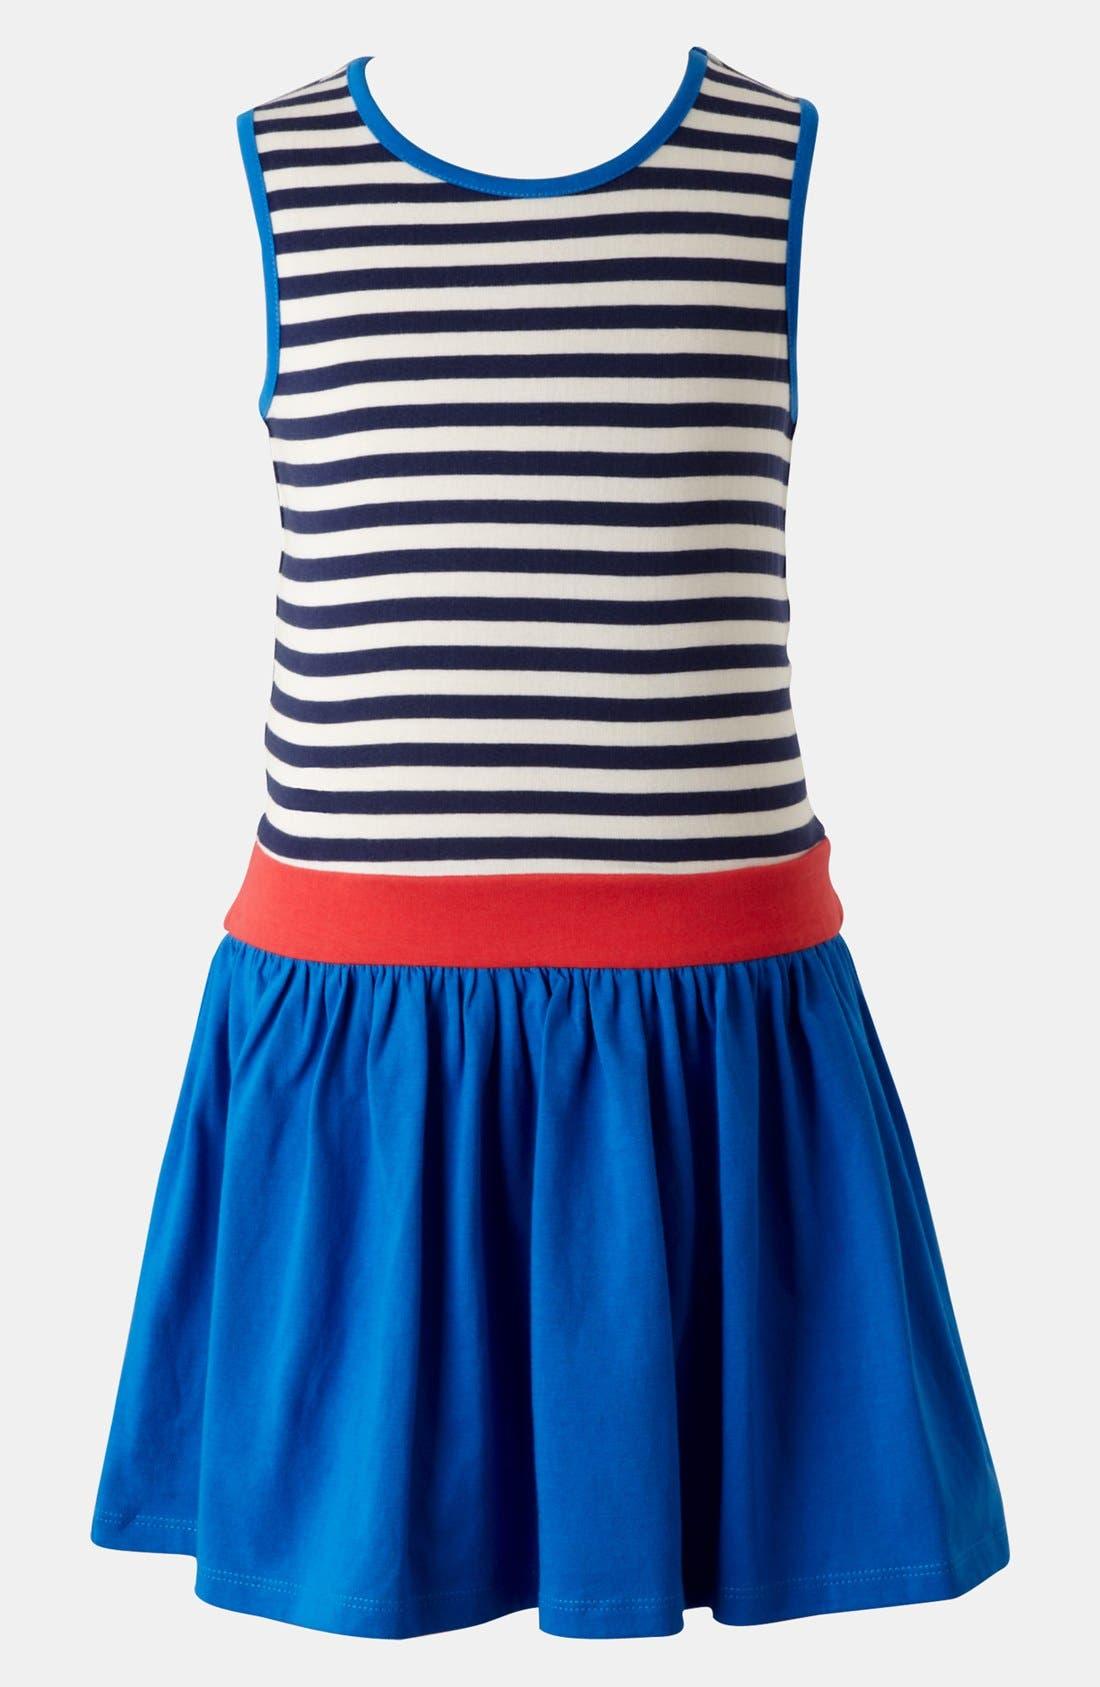 Main Image - Mini Boden 'Jolly Jersey' Dress (Little Girls & Big Girls)